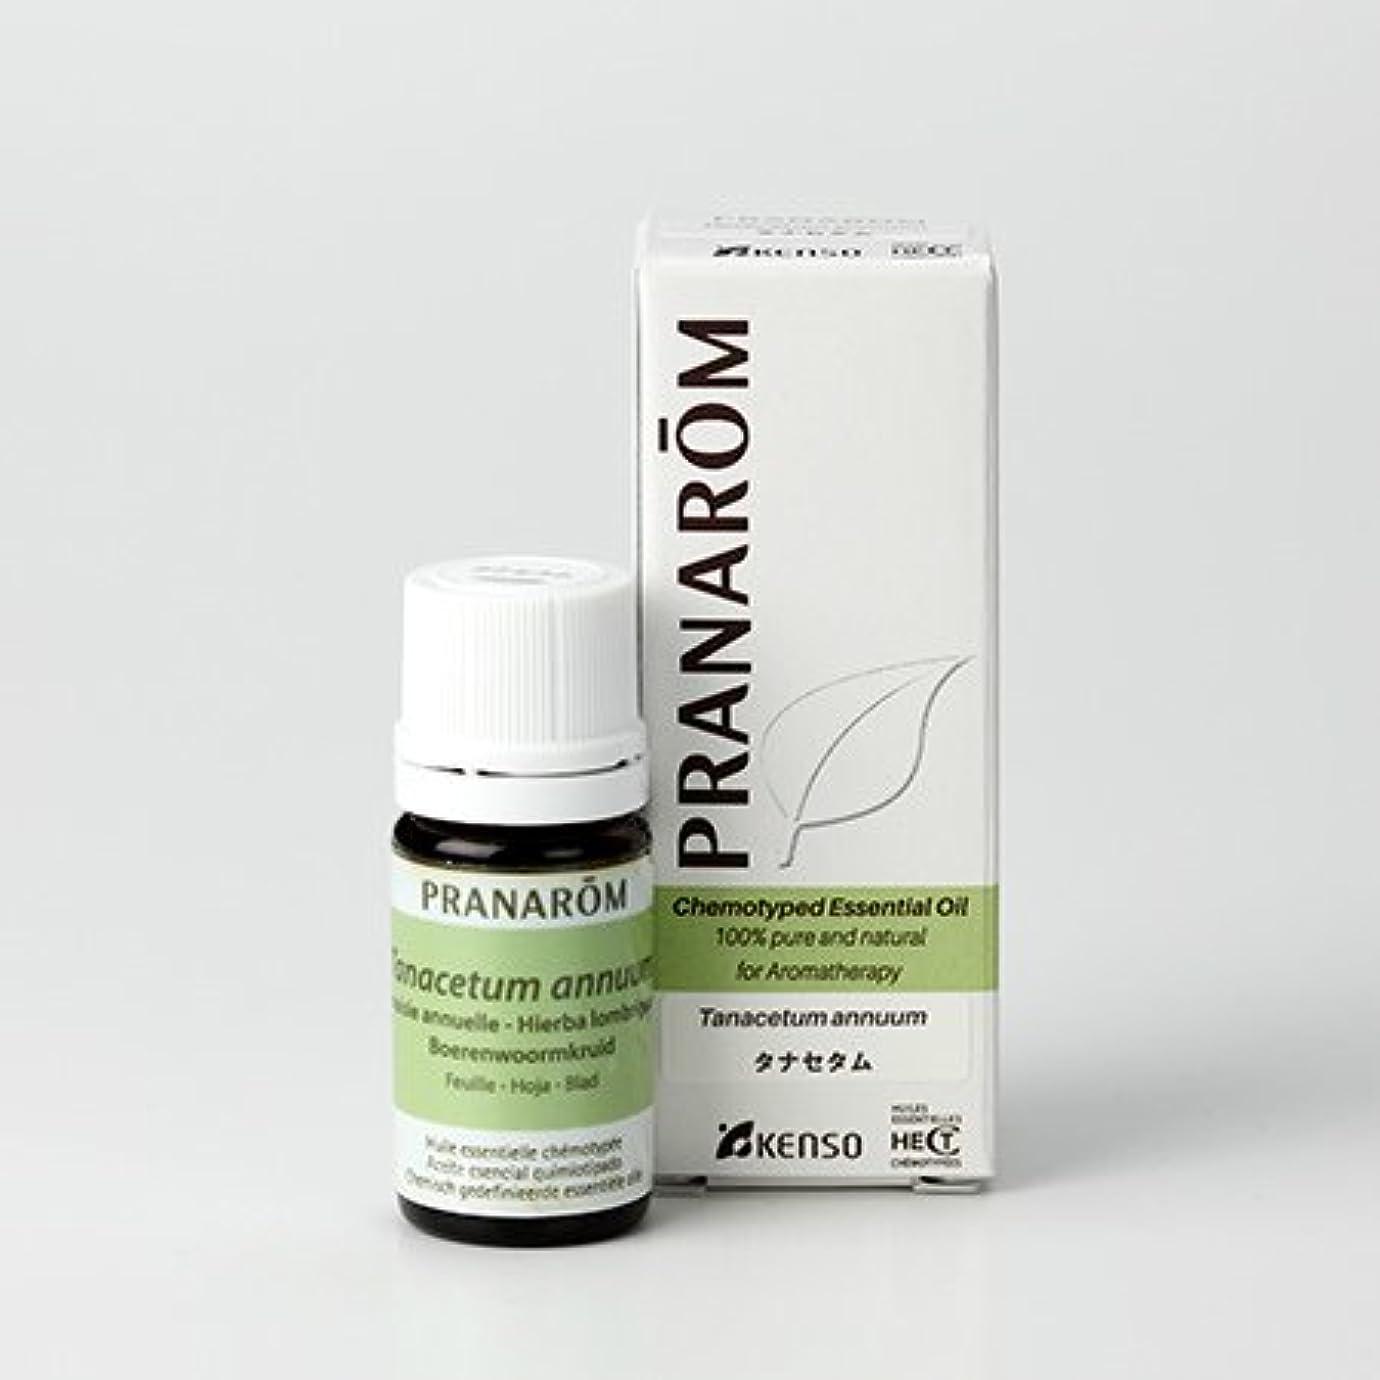 がんばり続けるアブストラクト触覚プラナロム タナセタム 5ml (PRANAROM ケモタイプ精油)